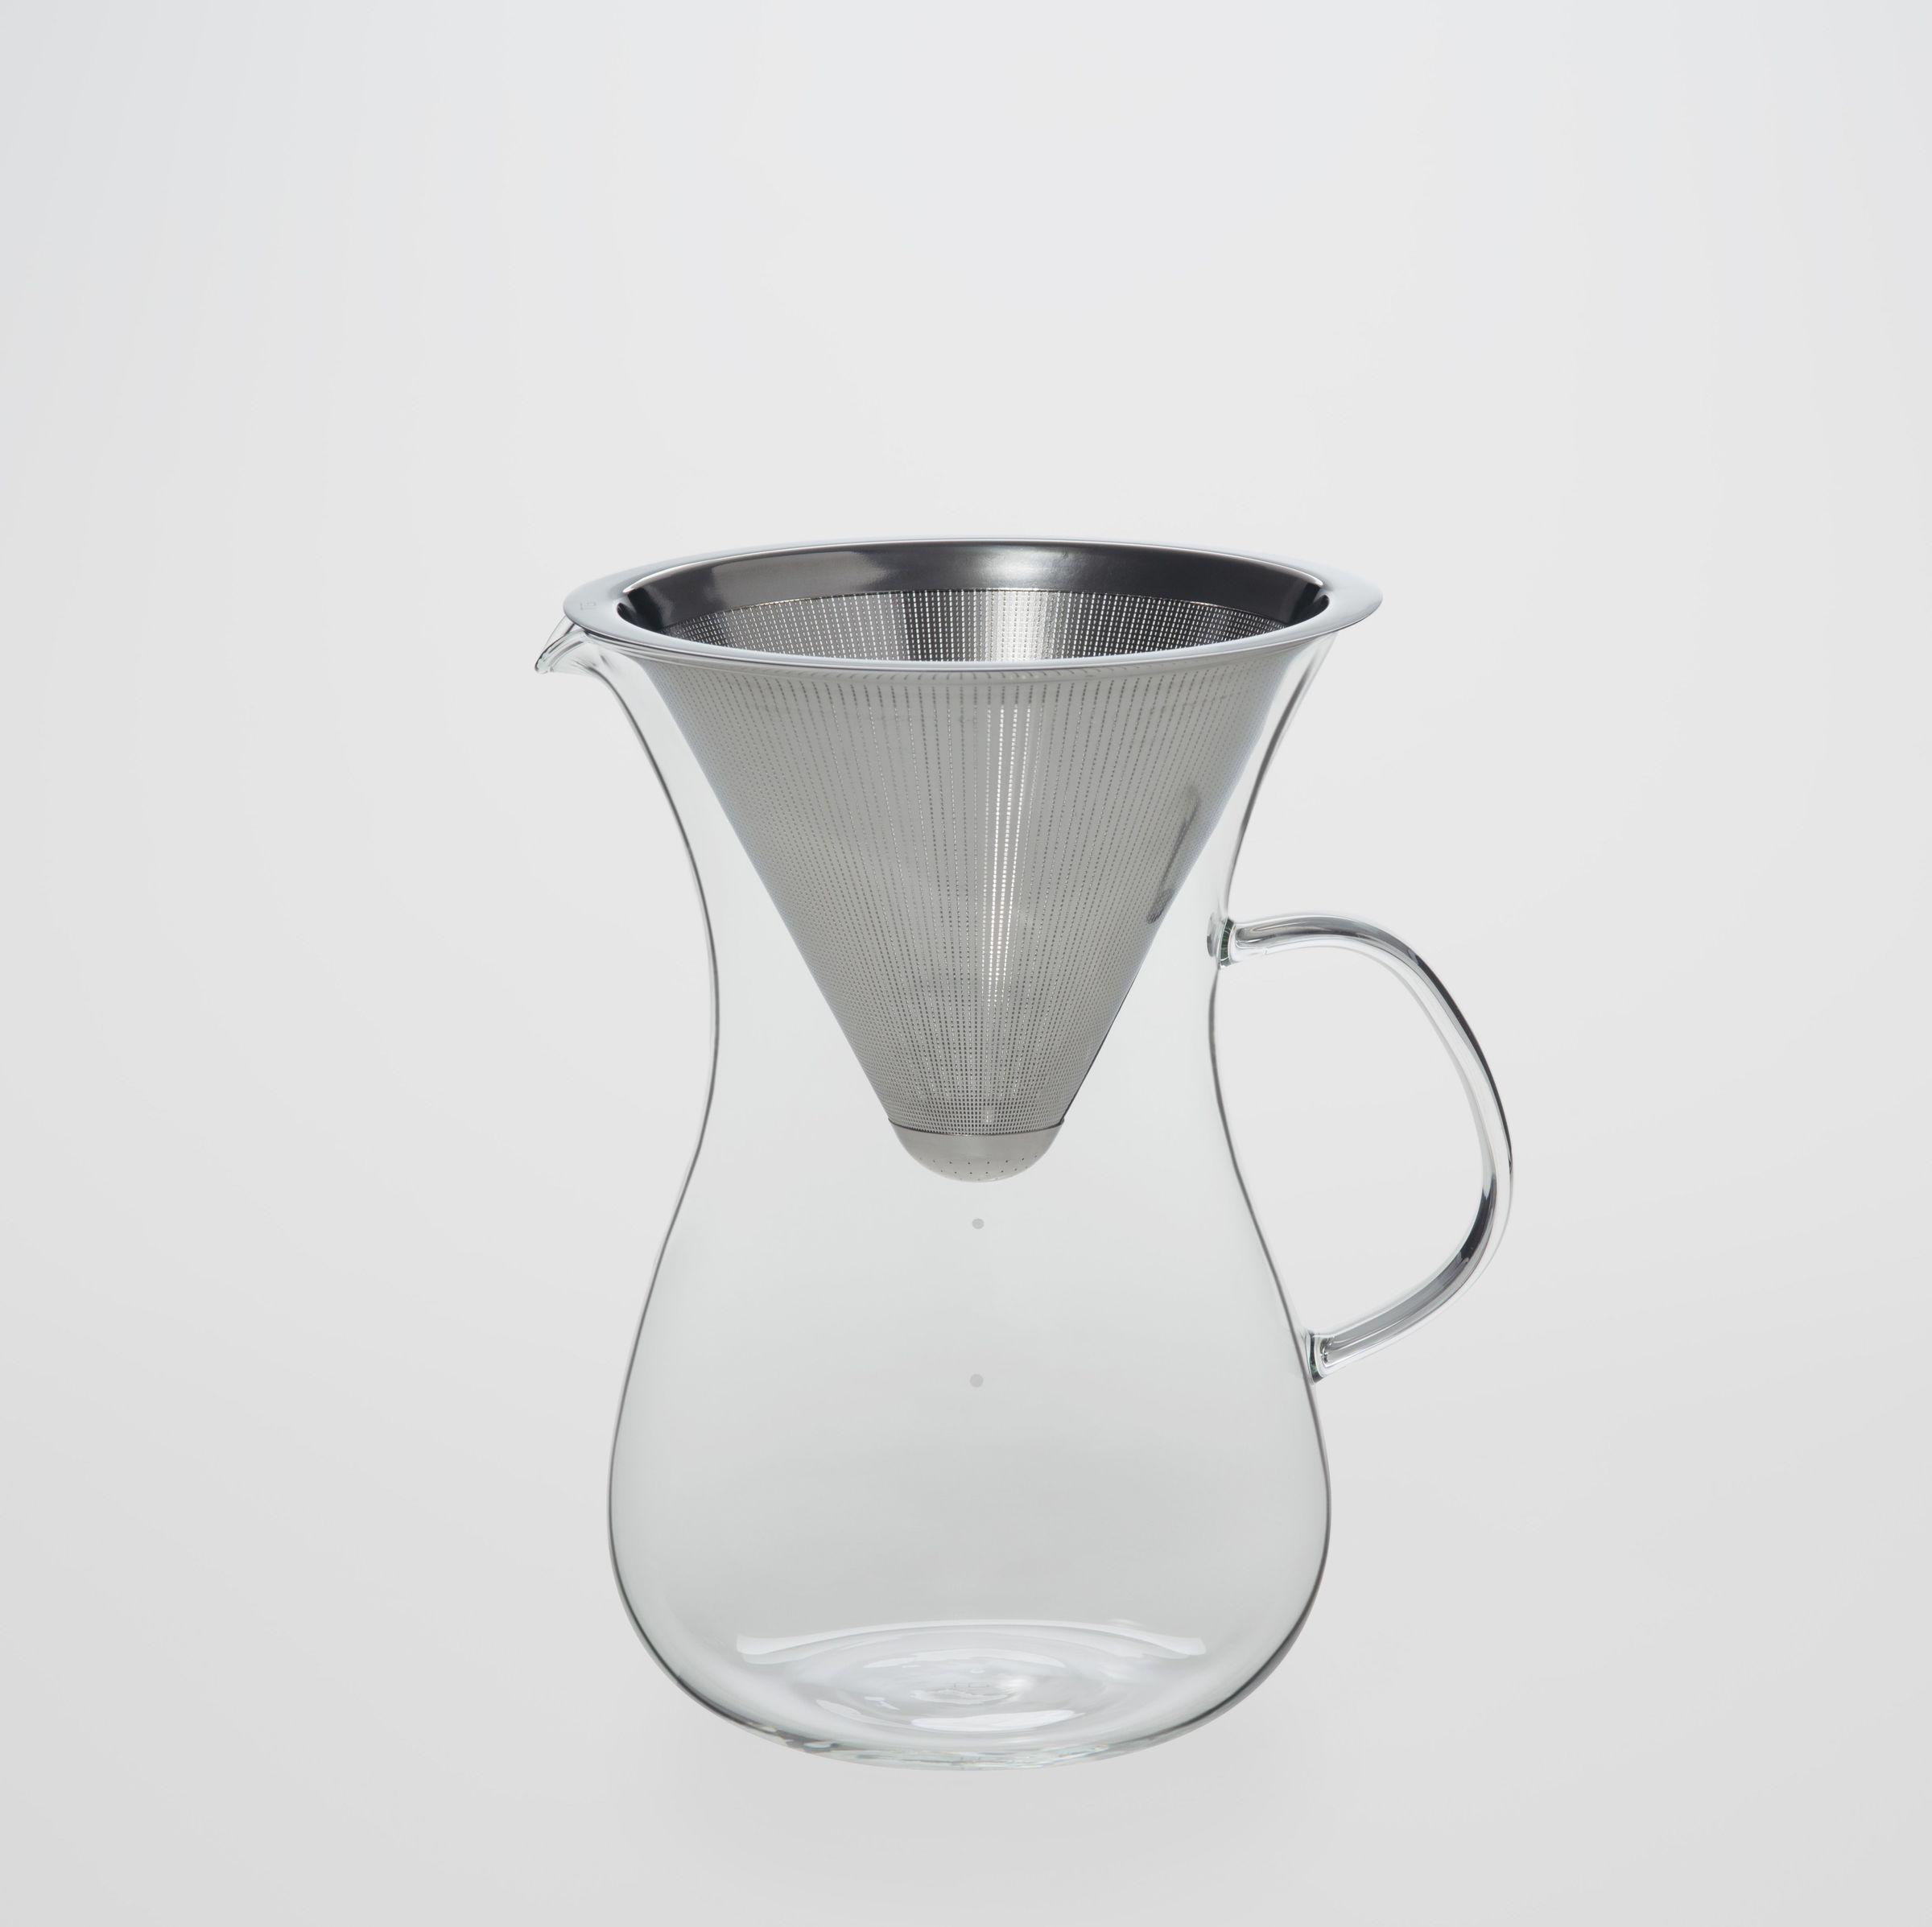 耐熱手沖咖啡壺 680ml2.jpg